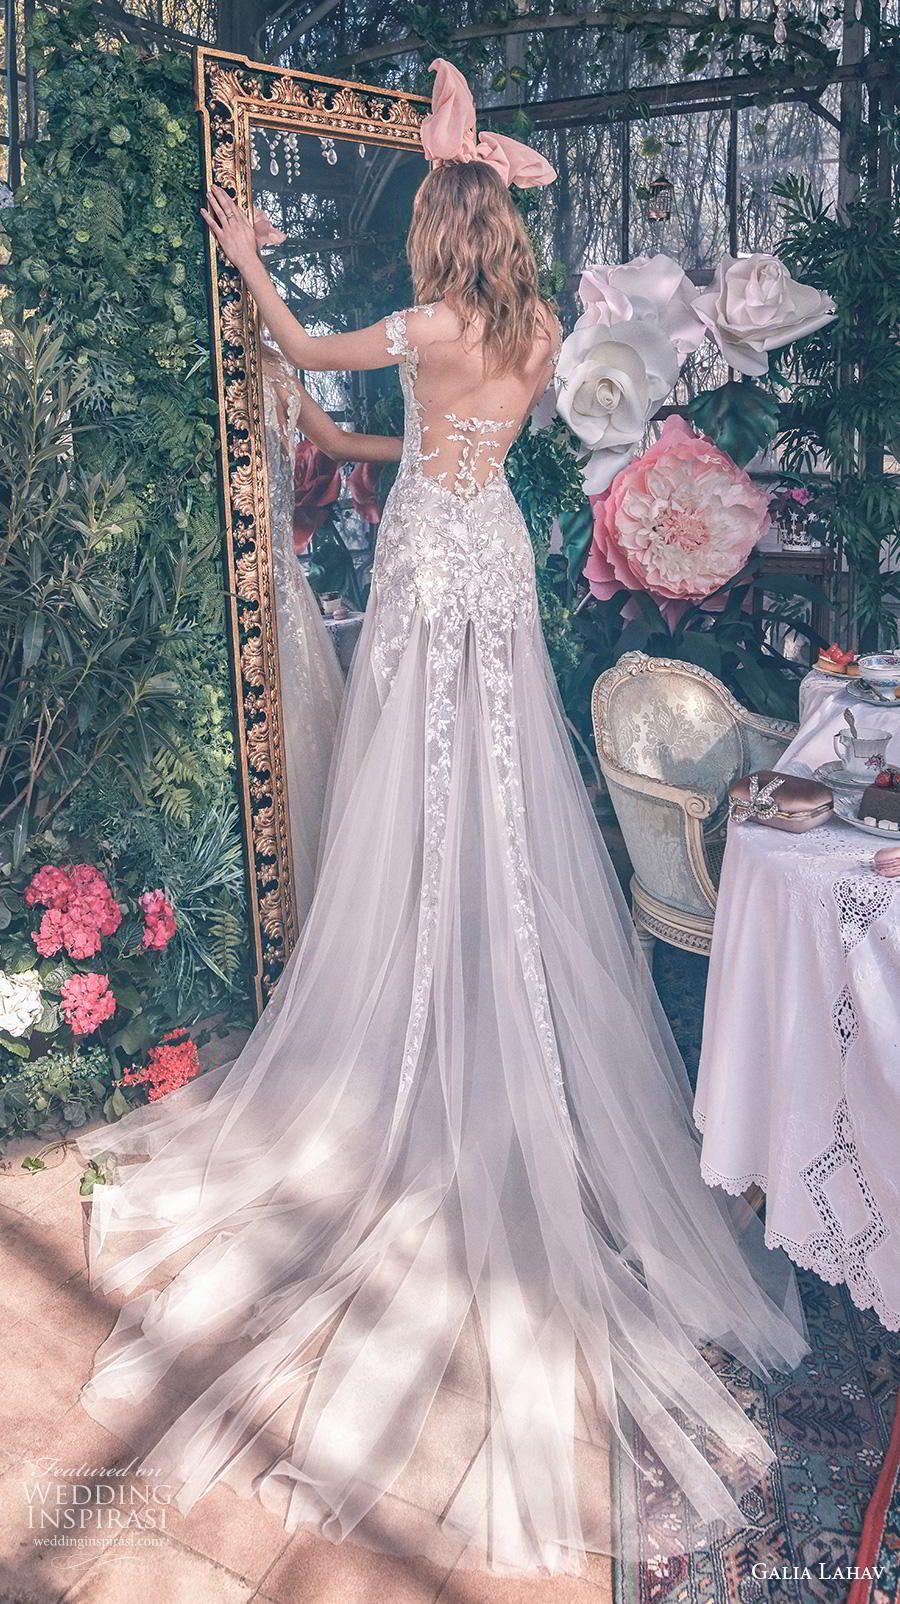 galia lahav wedding dress price